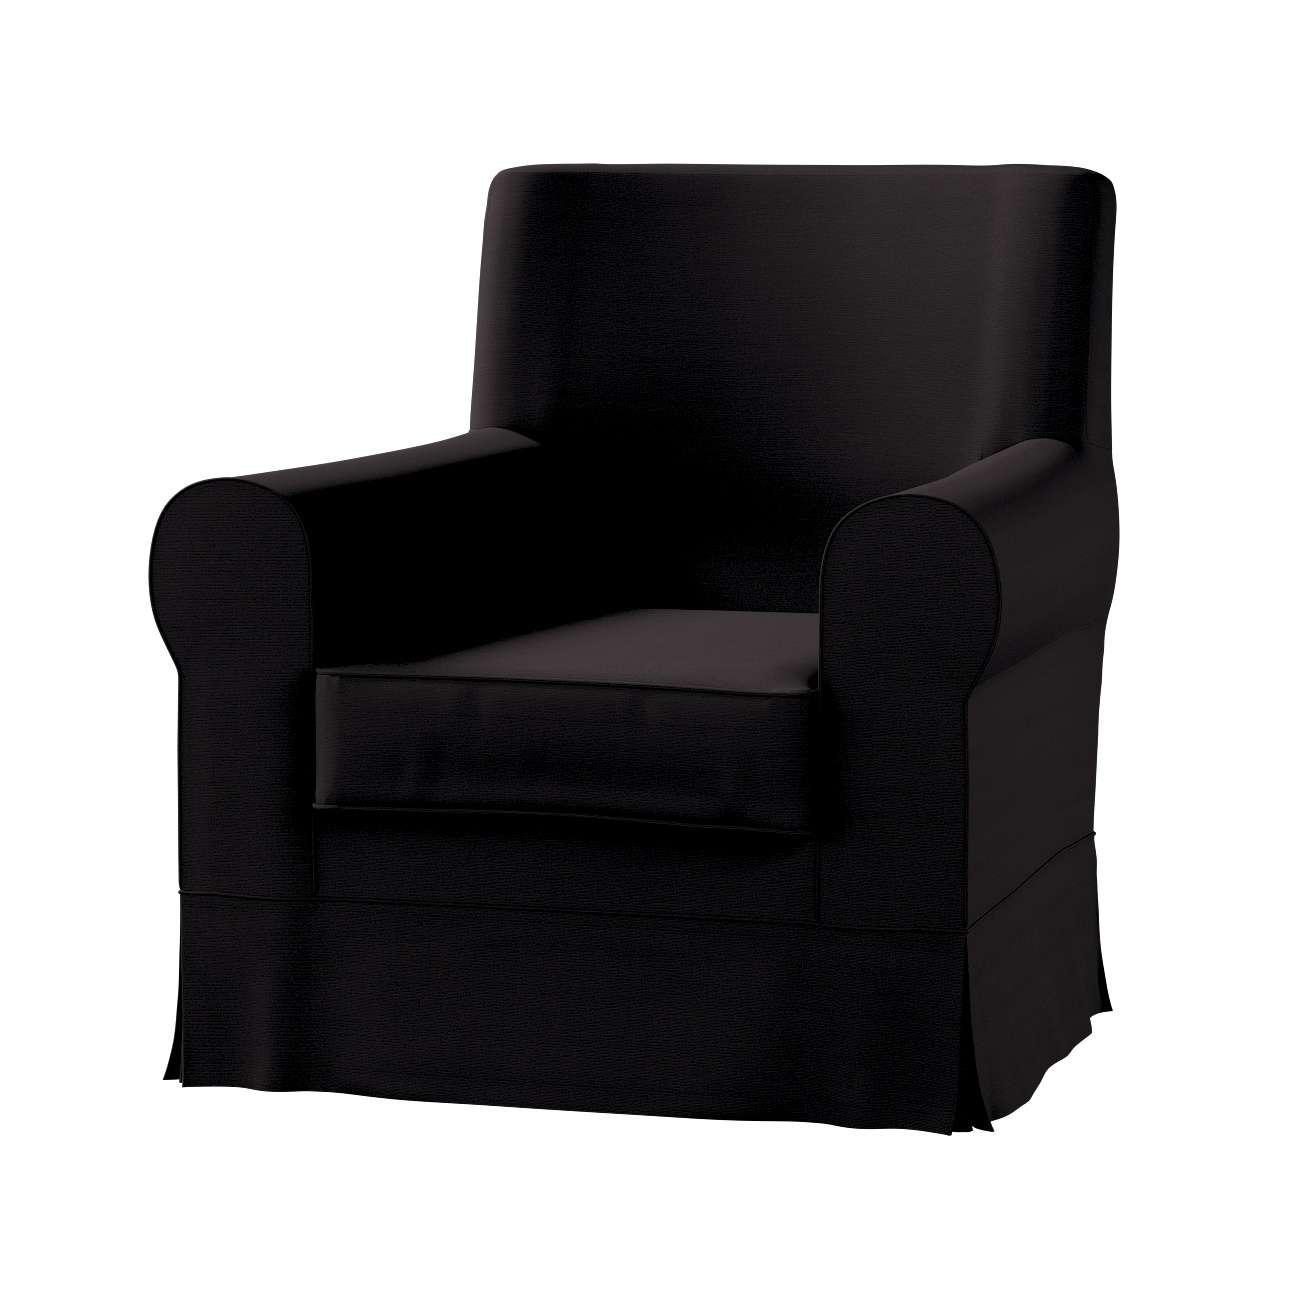 EKTORP JENNYLUND fotelio užvalkalas Ektorp Jennylund fotelio užvalkalas kolekcijoje Cotton Panama, audinys: 702-08